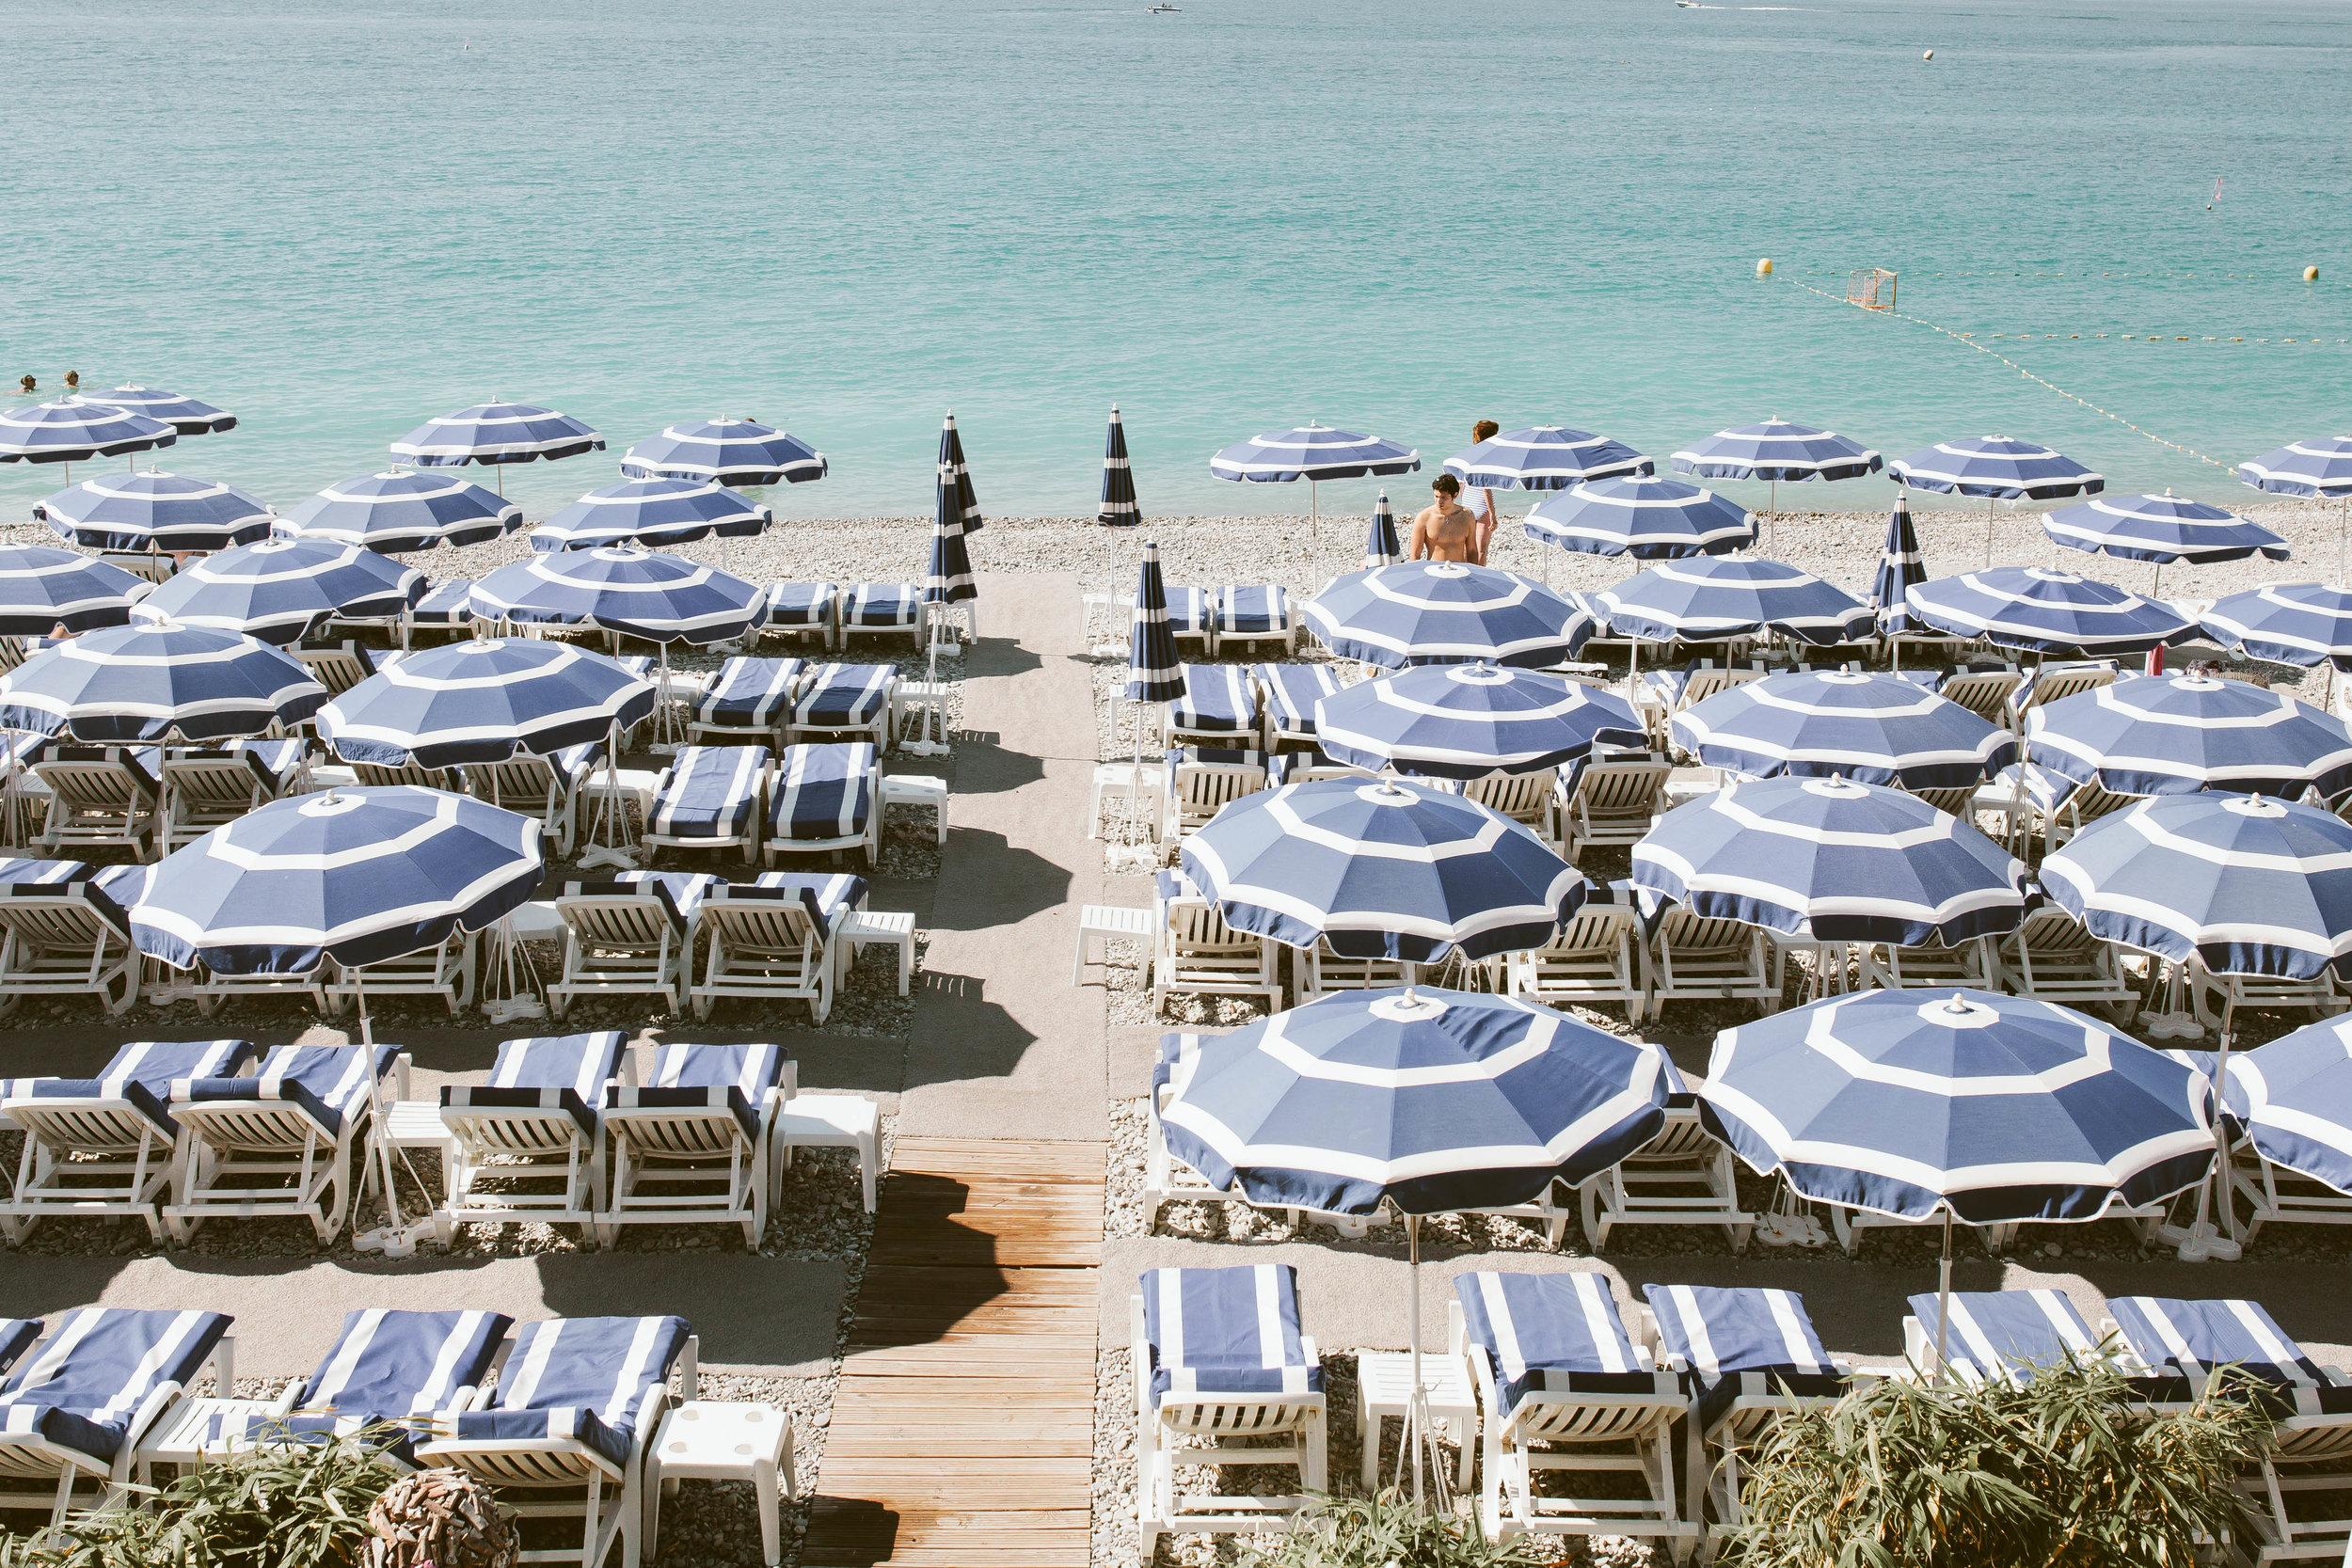 Blue Hue Umbrellas